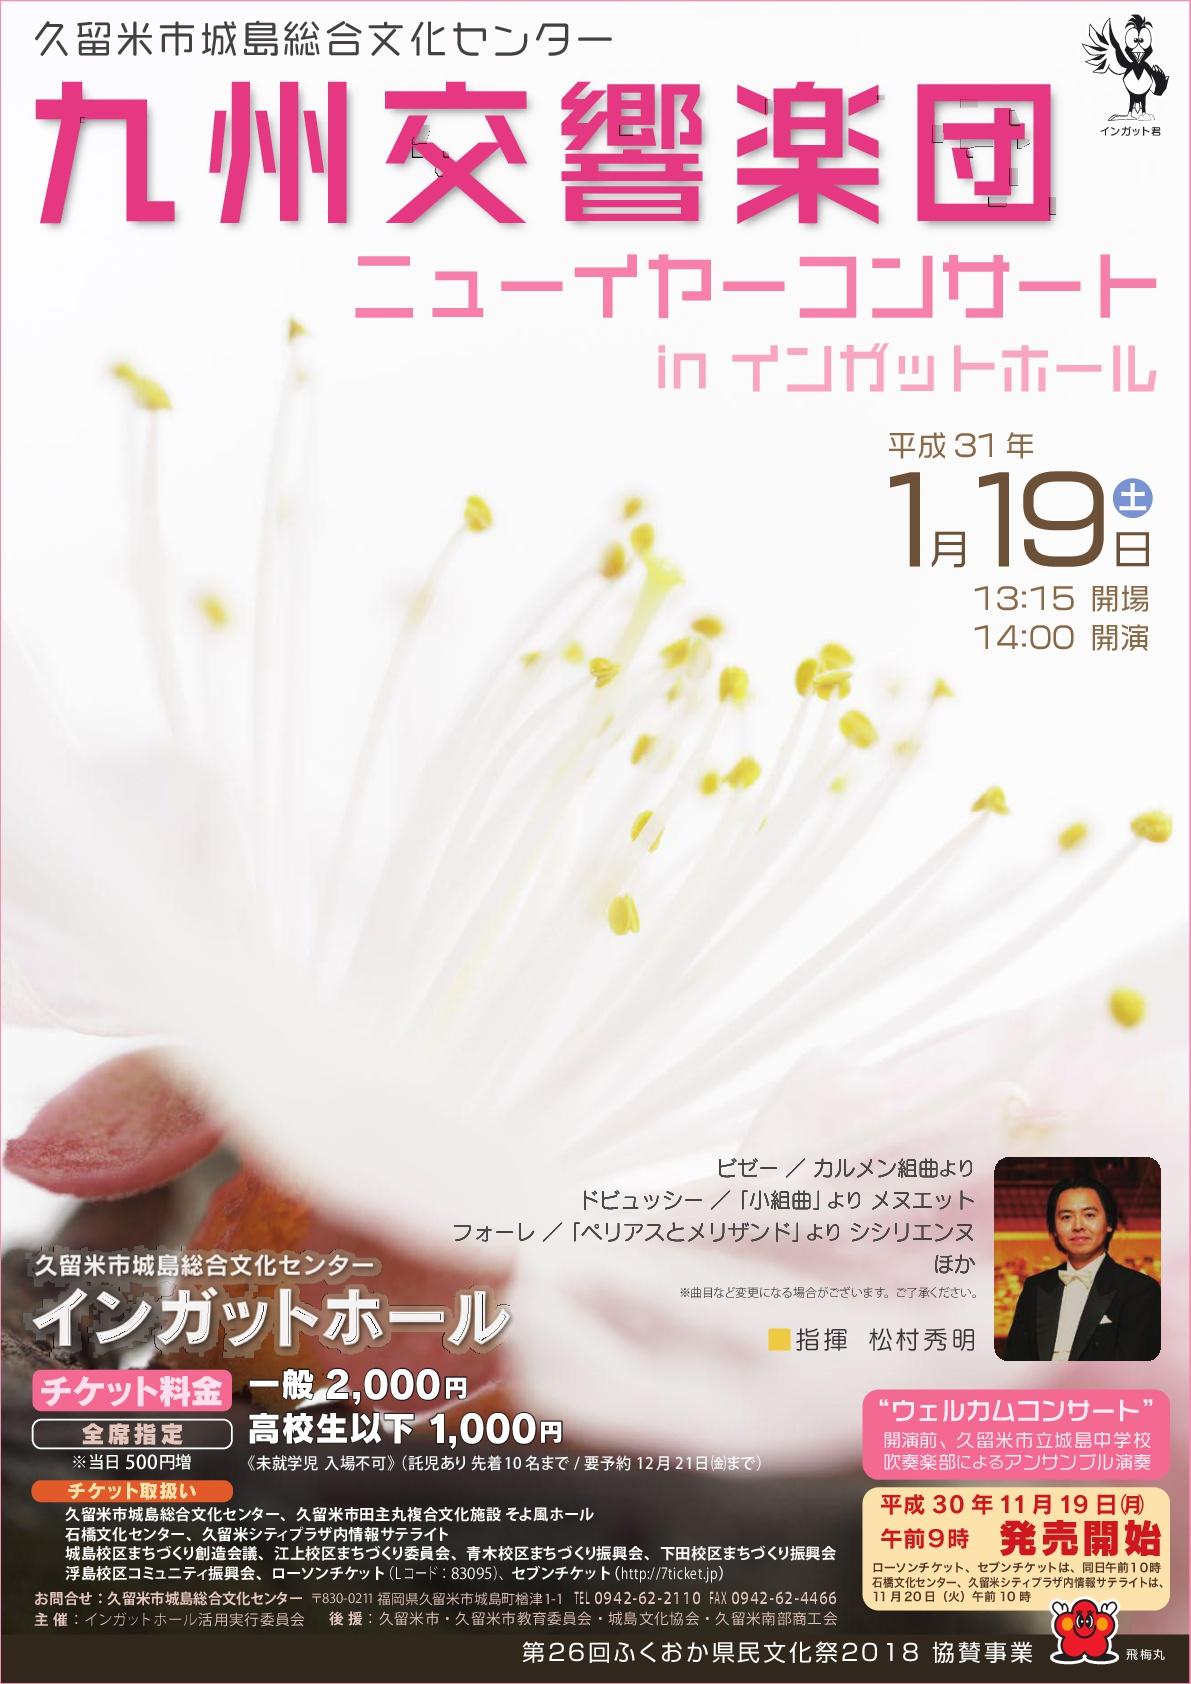 【九州交響楽団ニューイヤーコンサート】人気のクラシック名曲を楽しむことができます